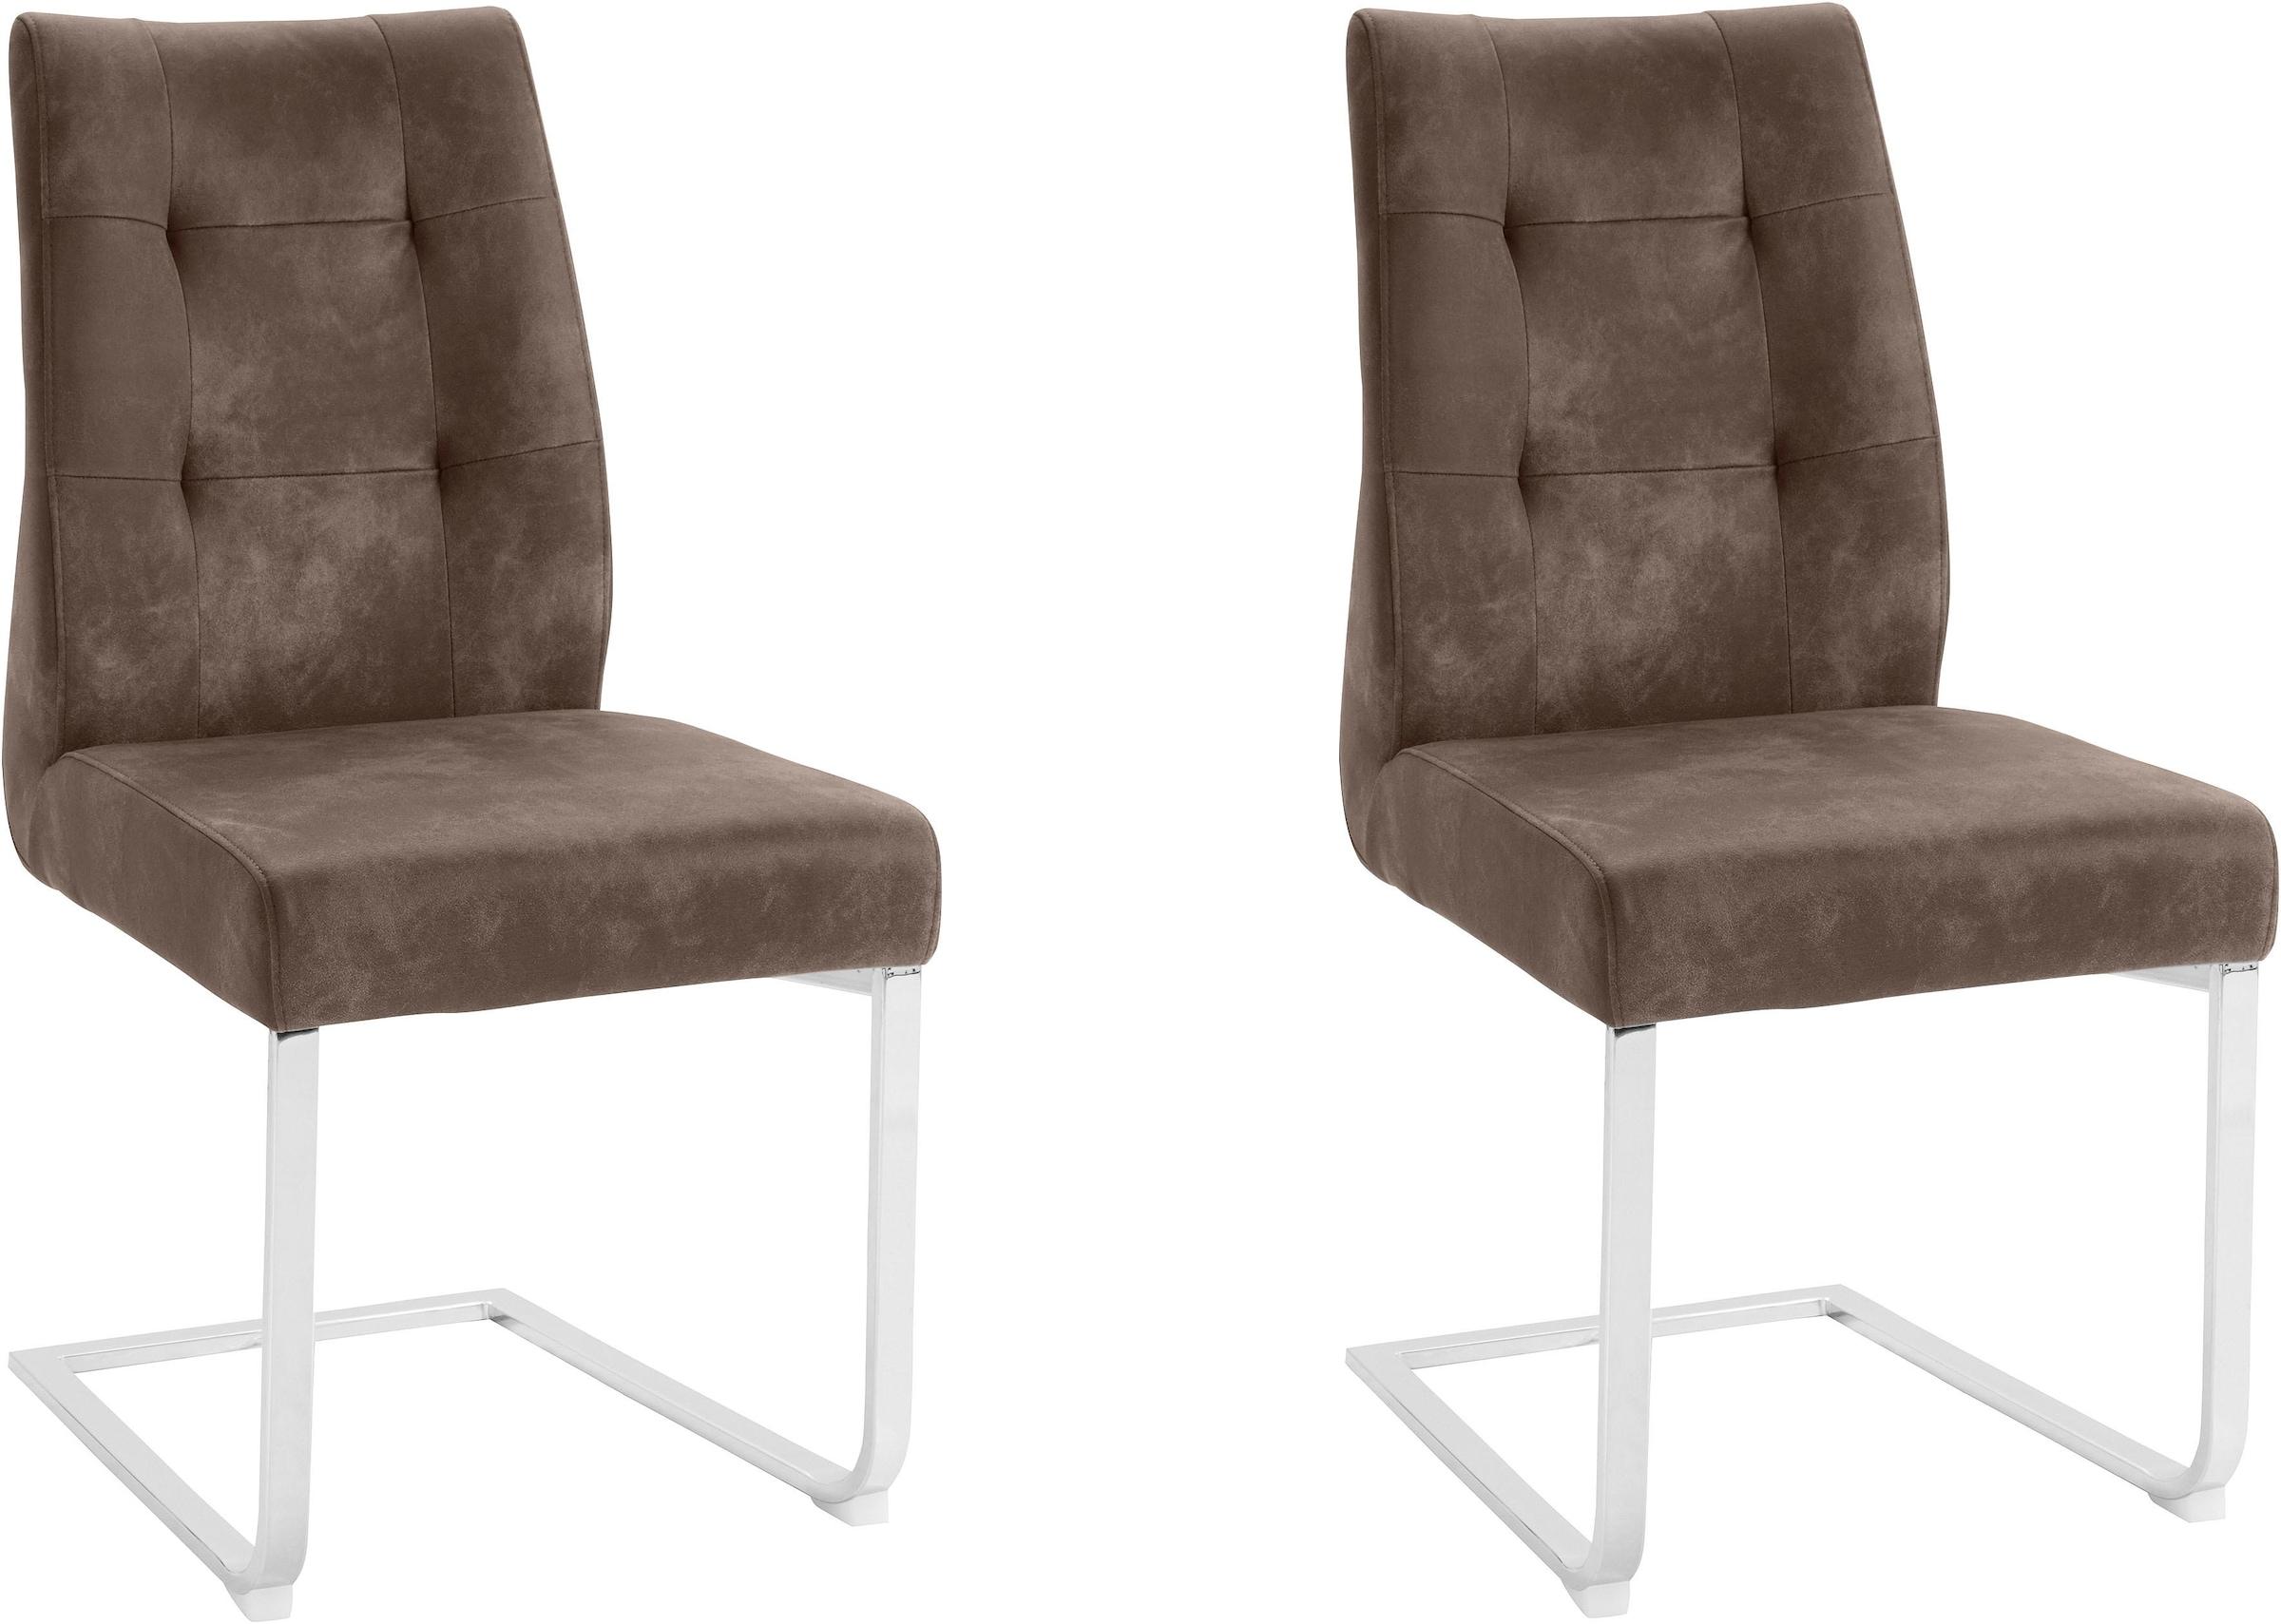 Küche und Esszimmer » Stühle und Hocker online kaufen